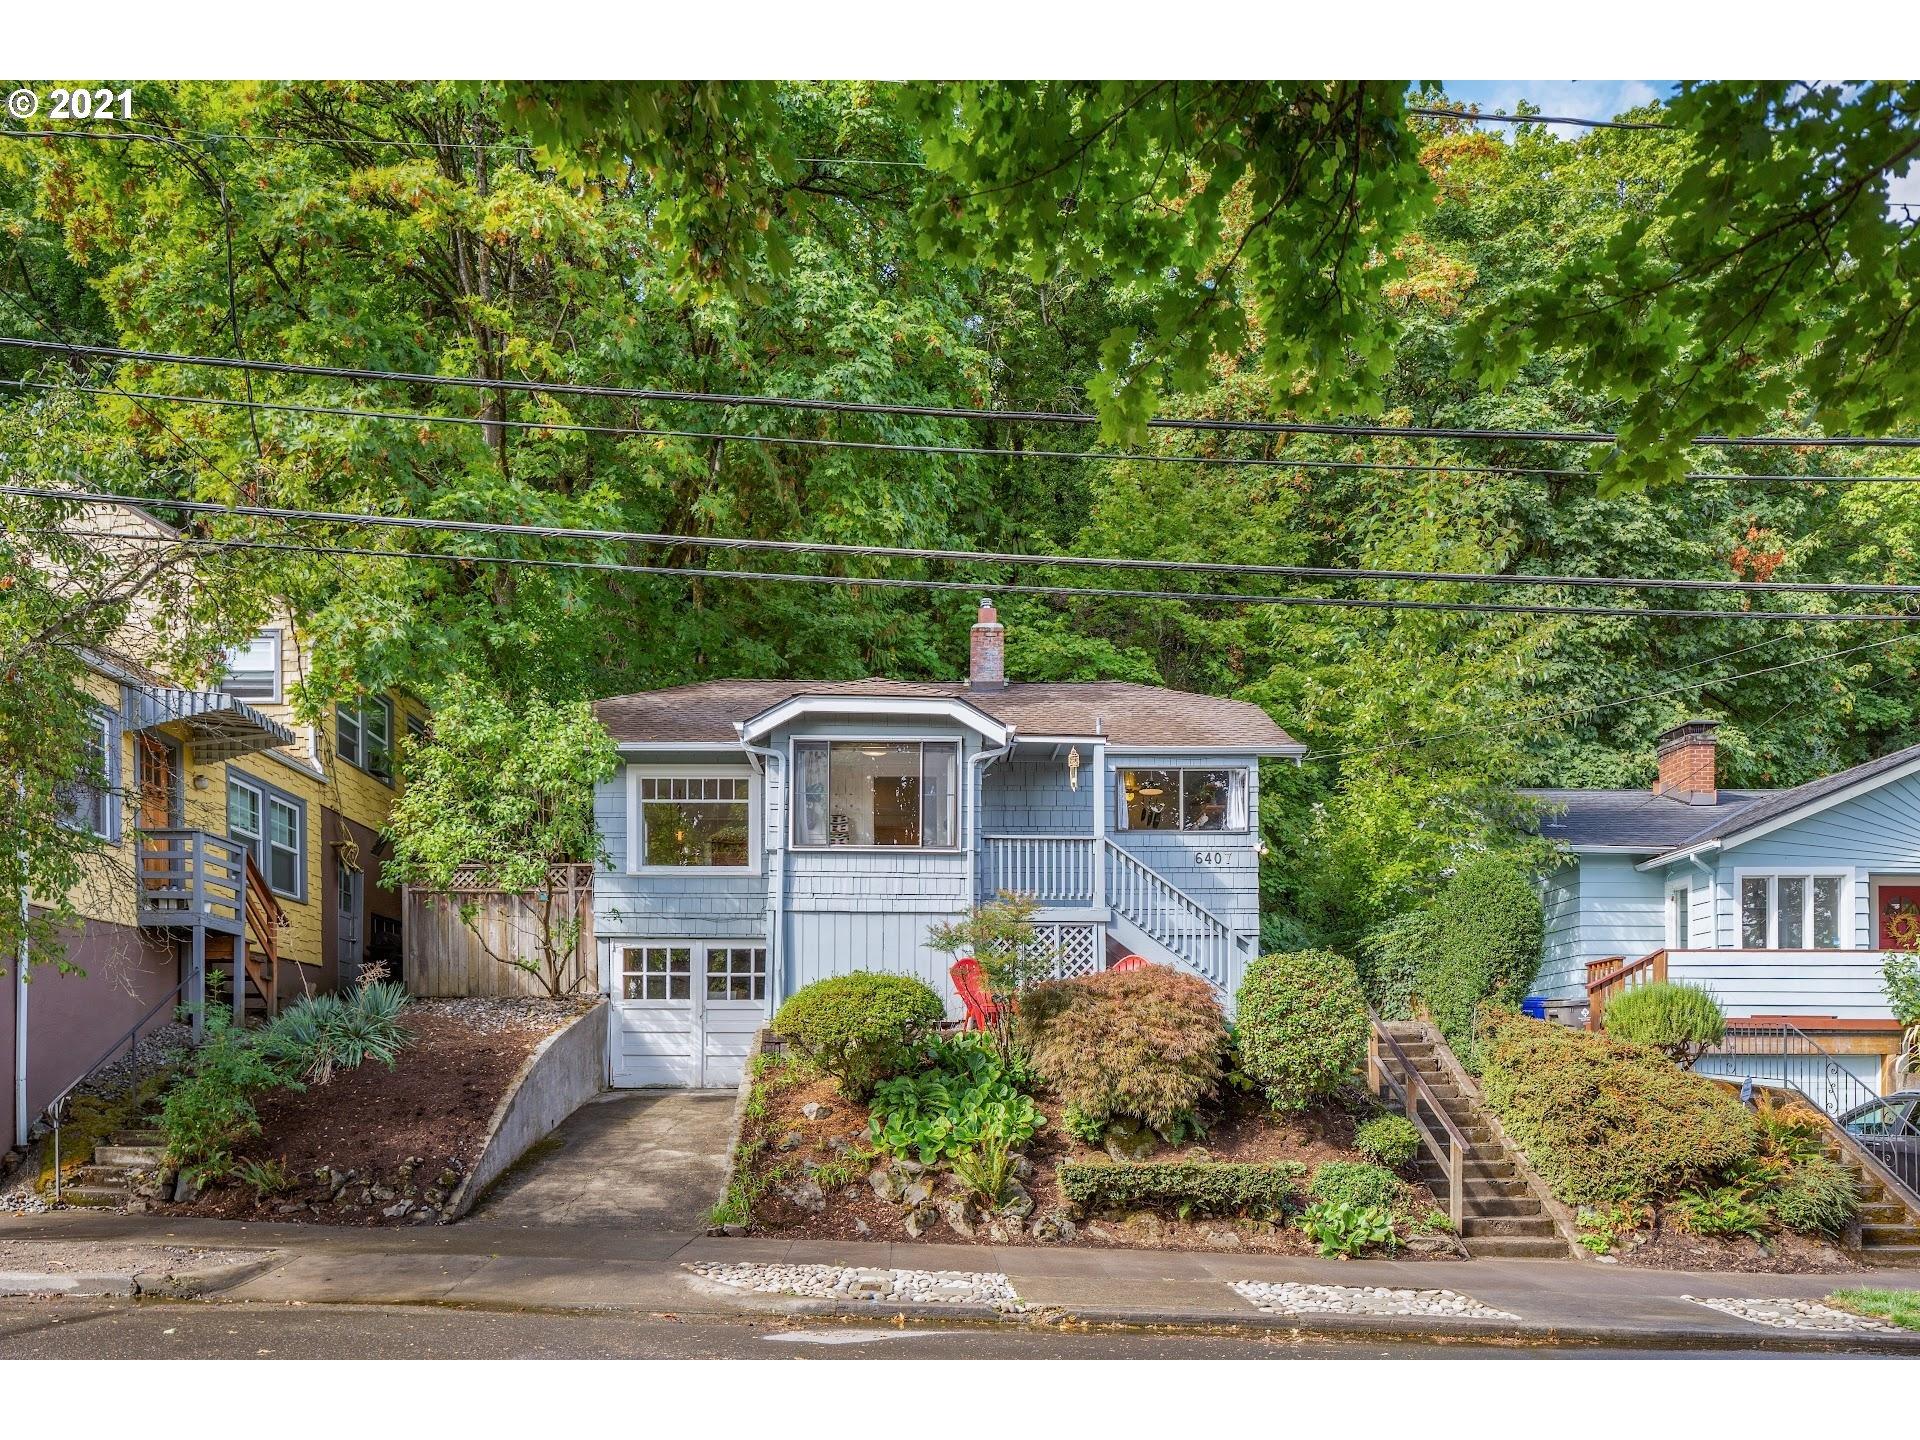 6407 S CORBETT AVE, Portland OR 97239